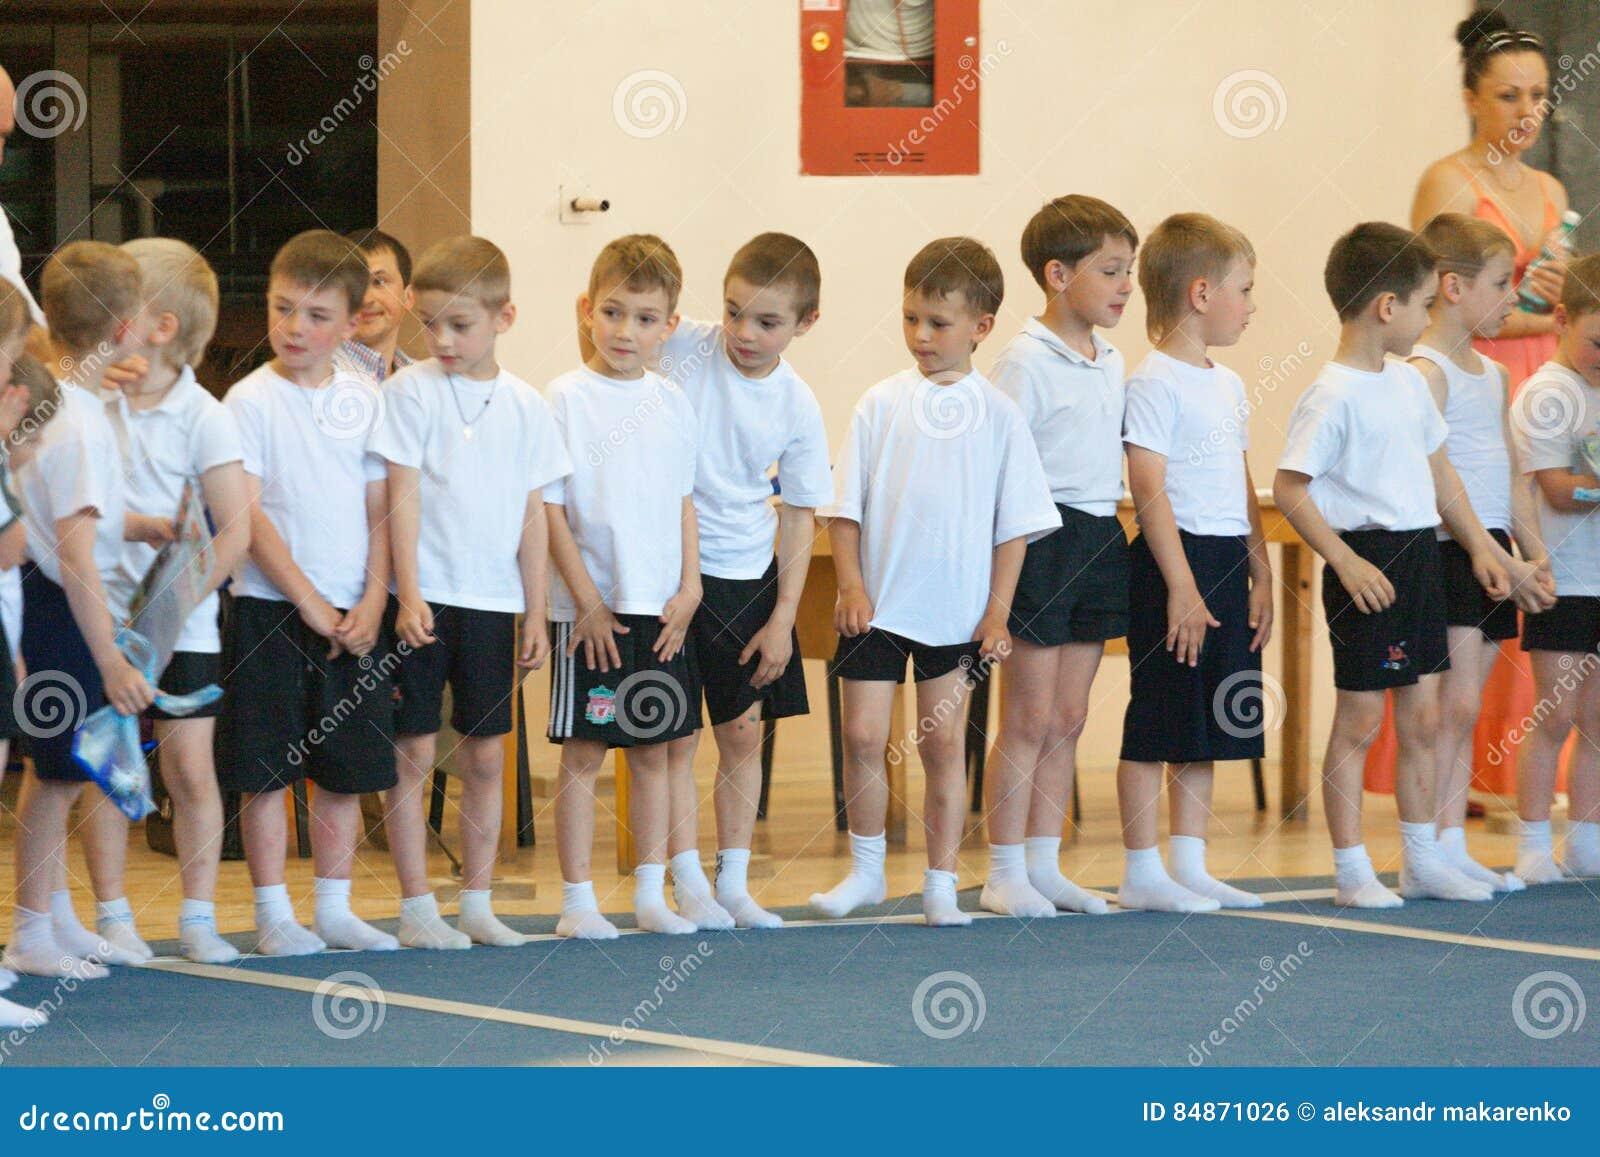 Gomel Vitryssland - MAJ 21, 2012: Konkurrensen bland pojkarna i 2006 - 2007 i gymnastik Disciplin - allmän gymnastik